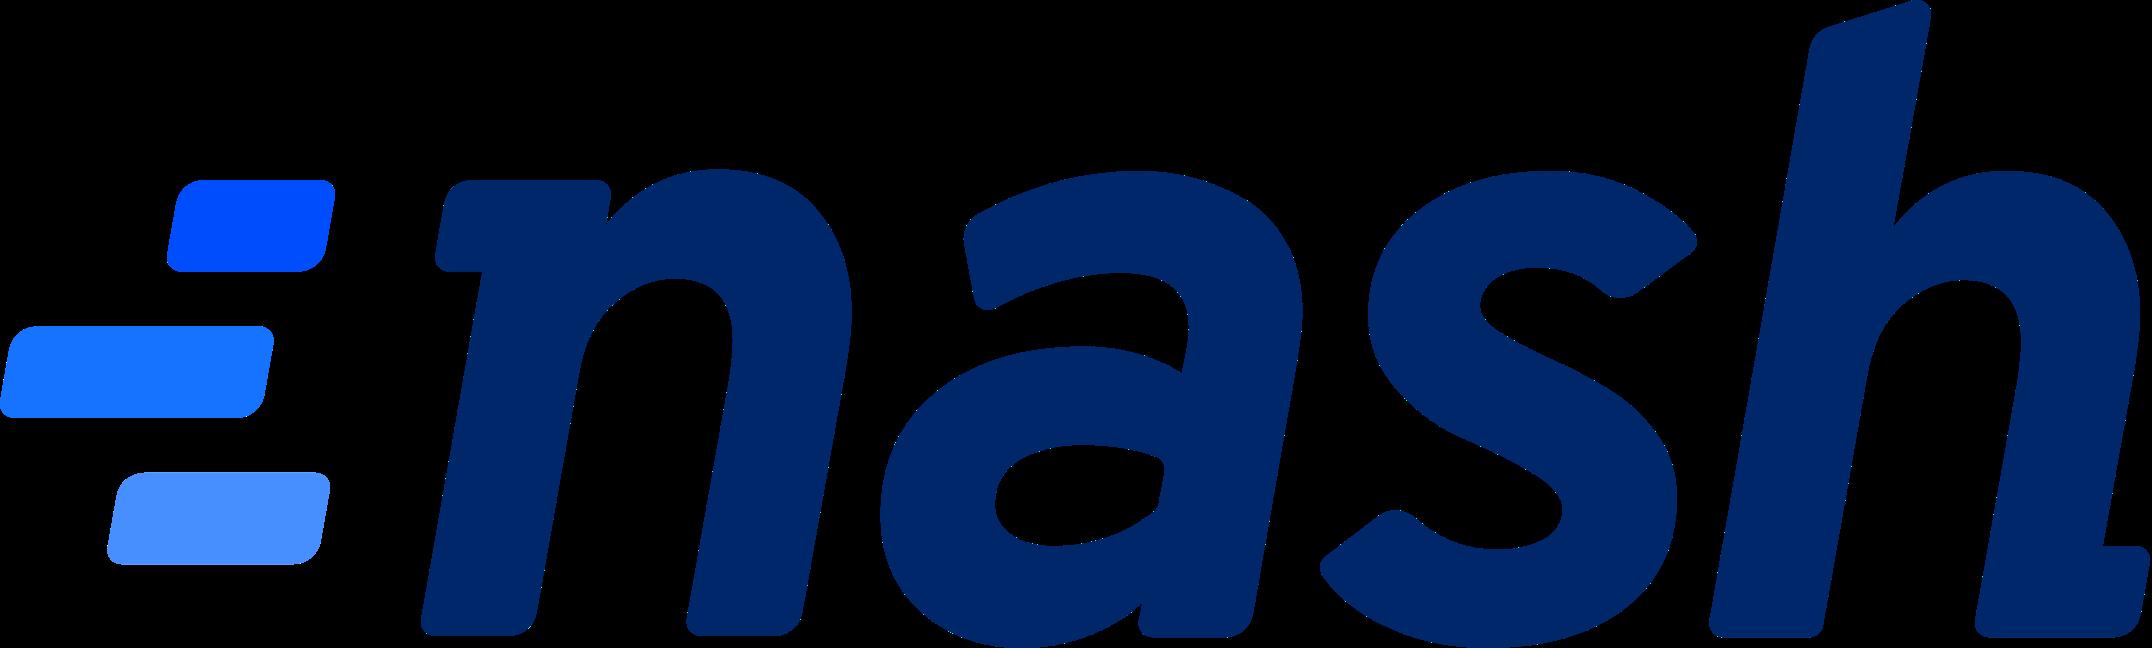 Nash Exchange logo